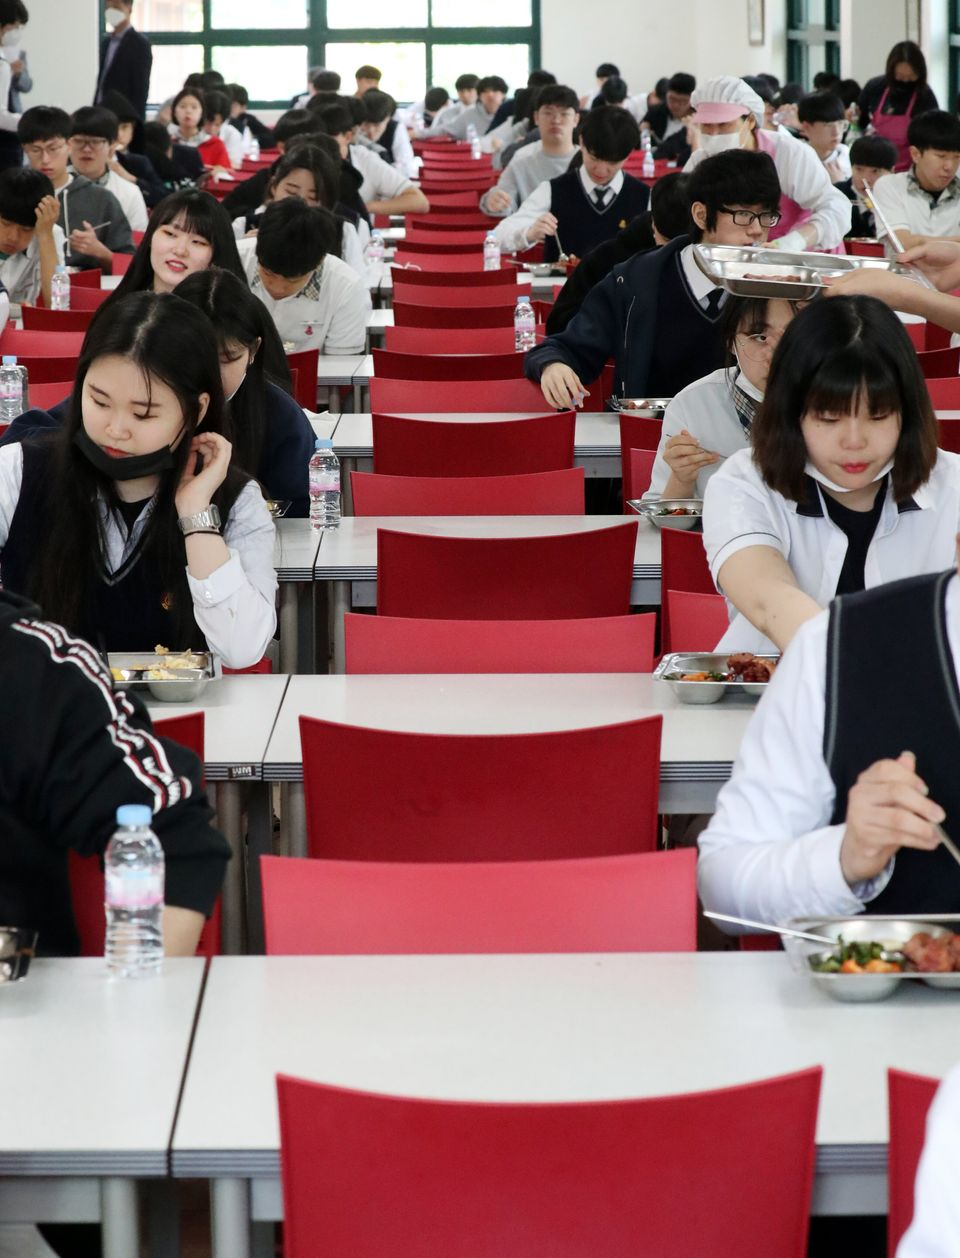 20일 서울 동작구 서울공고에서 고등학교 3학년 학생들이 거리두기를 하며 식사를 하고